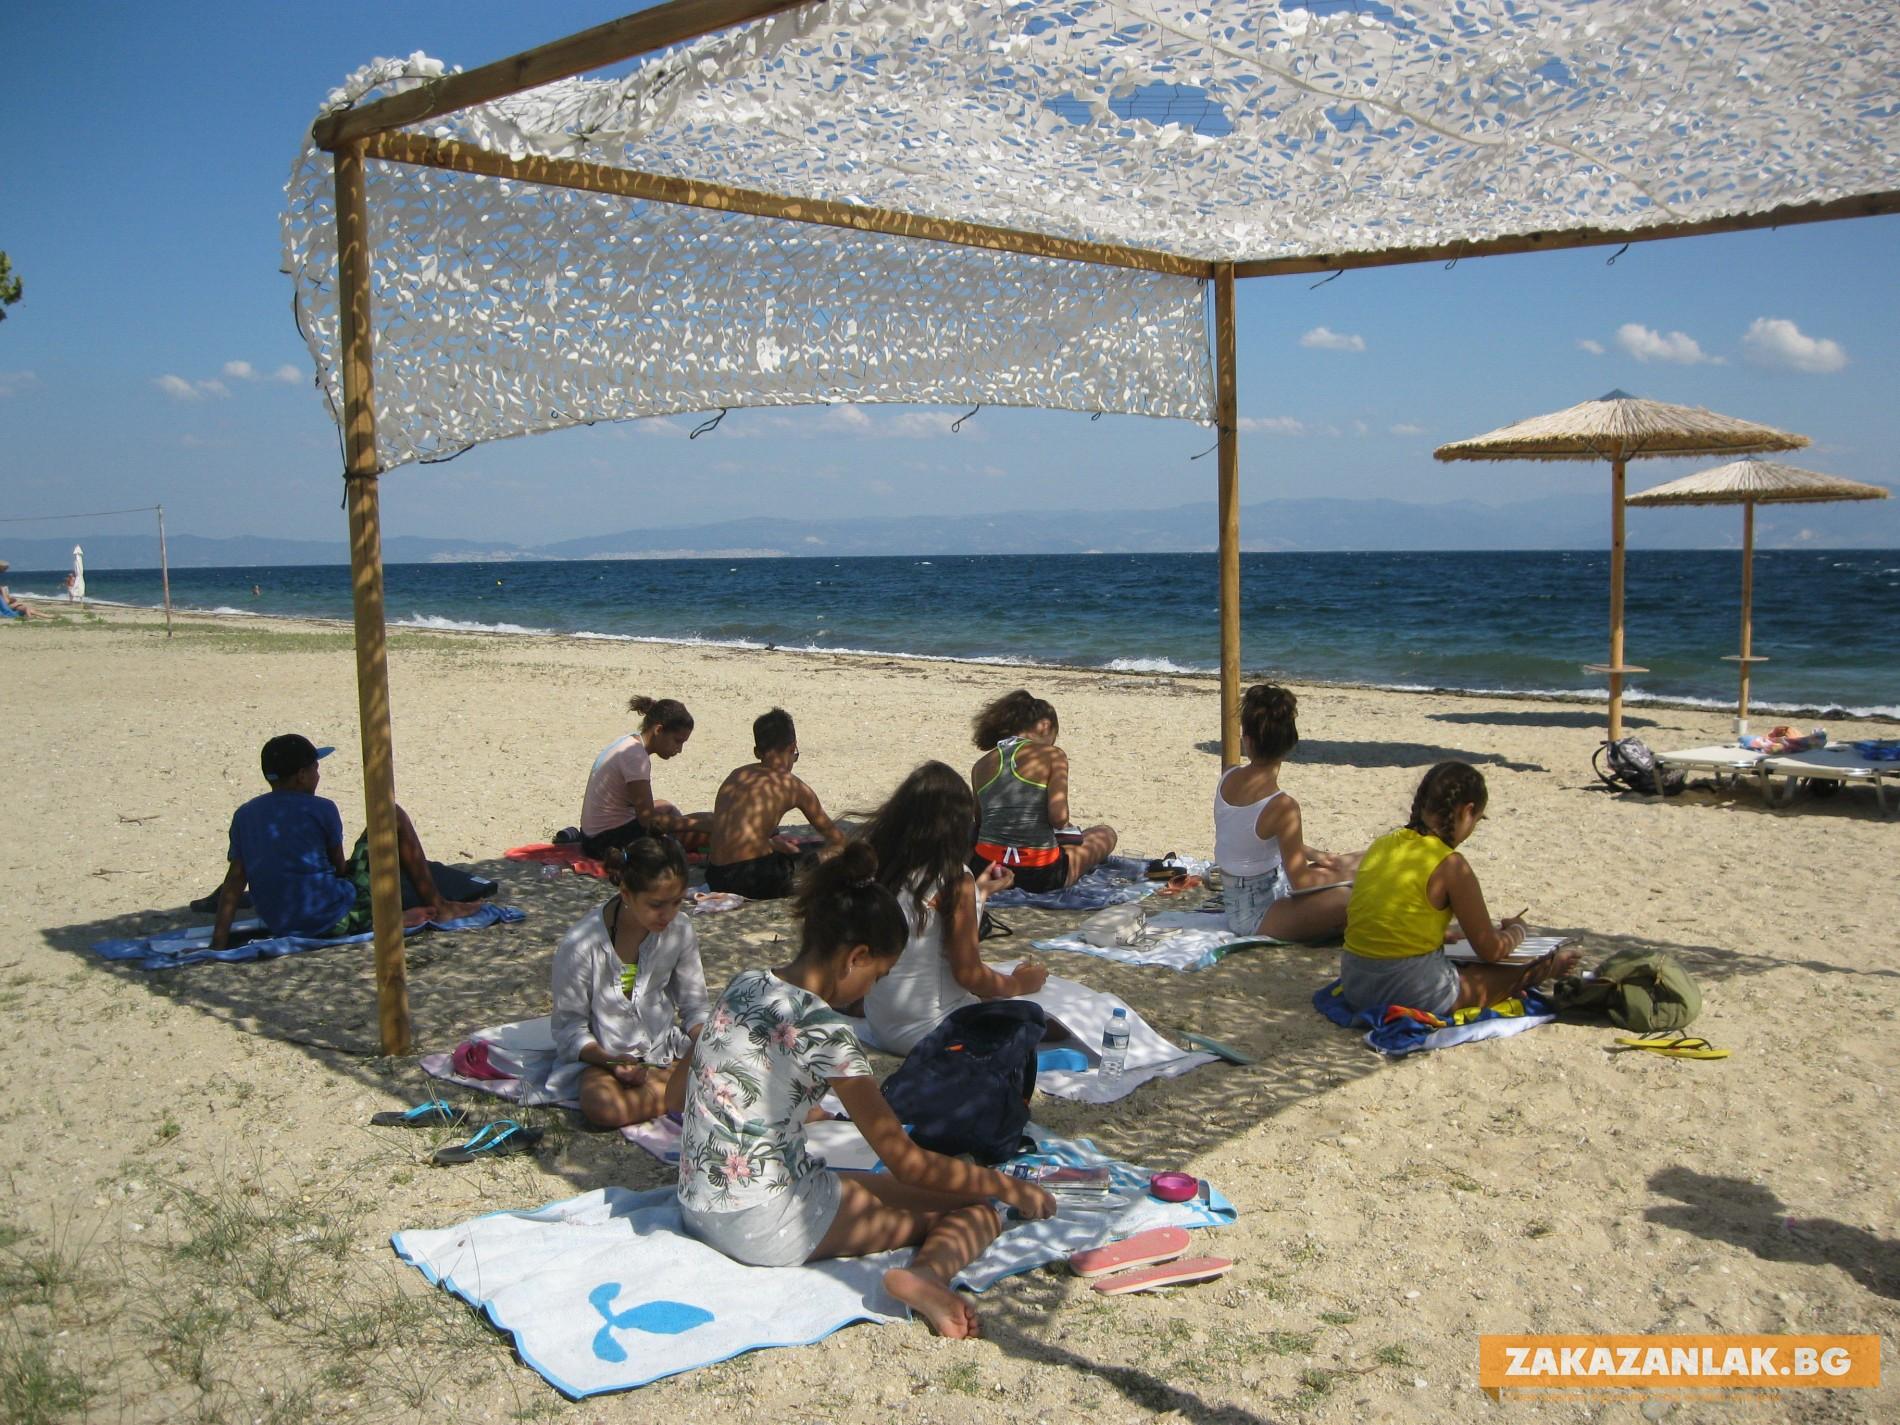 Малки художници от Казанлък нарисуваха лятото на Тасос